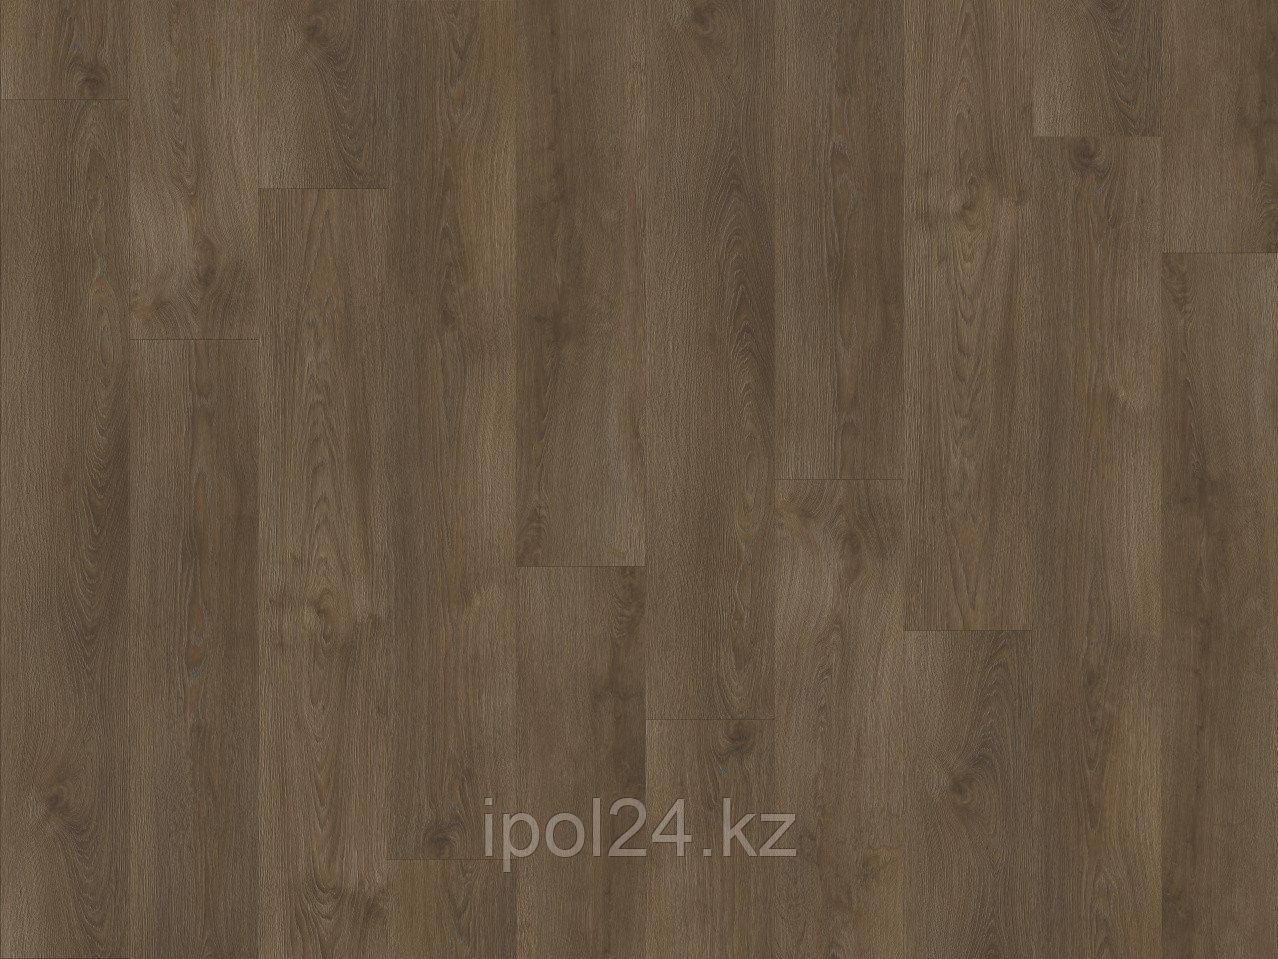 Виниловая плитка замковая Moduleo Layred SHERMAN OAK 22841LR PRO